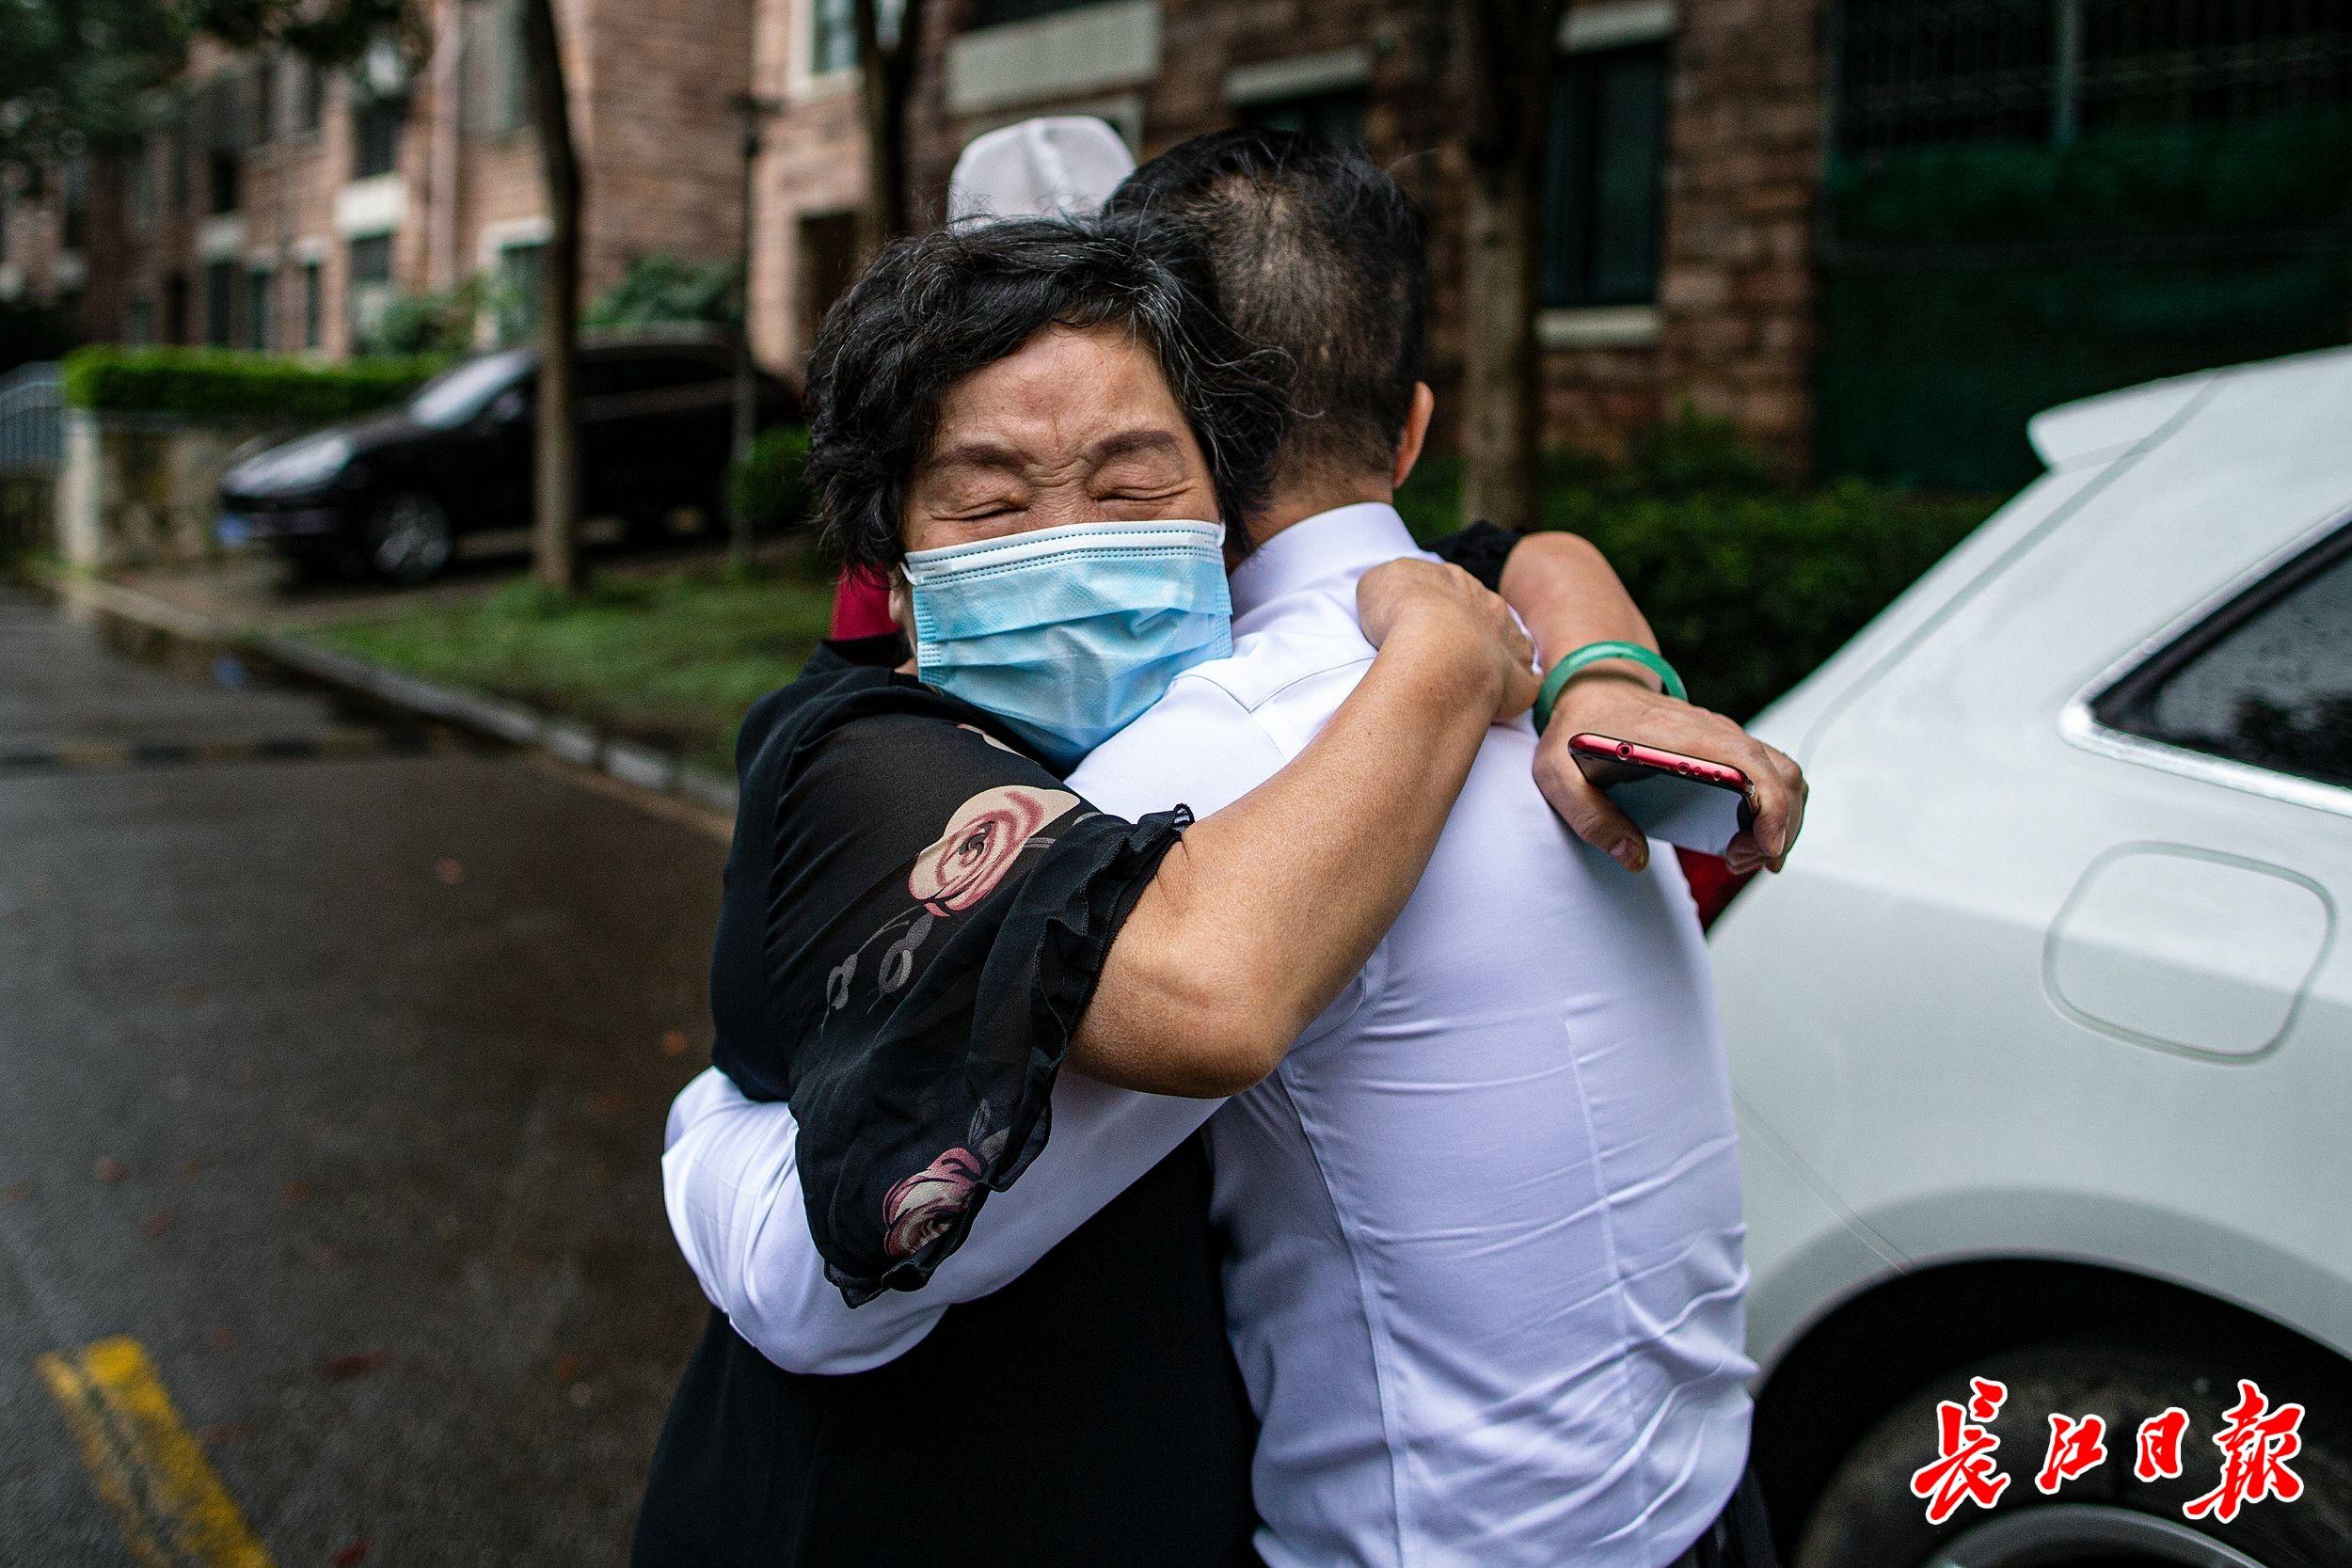 援汉医生在防护服写上:儿子我在武汉等你,儿子高考660分:武汉大学我来了